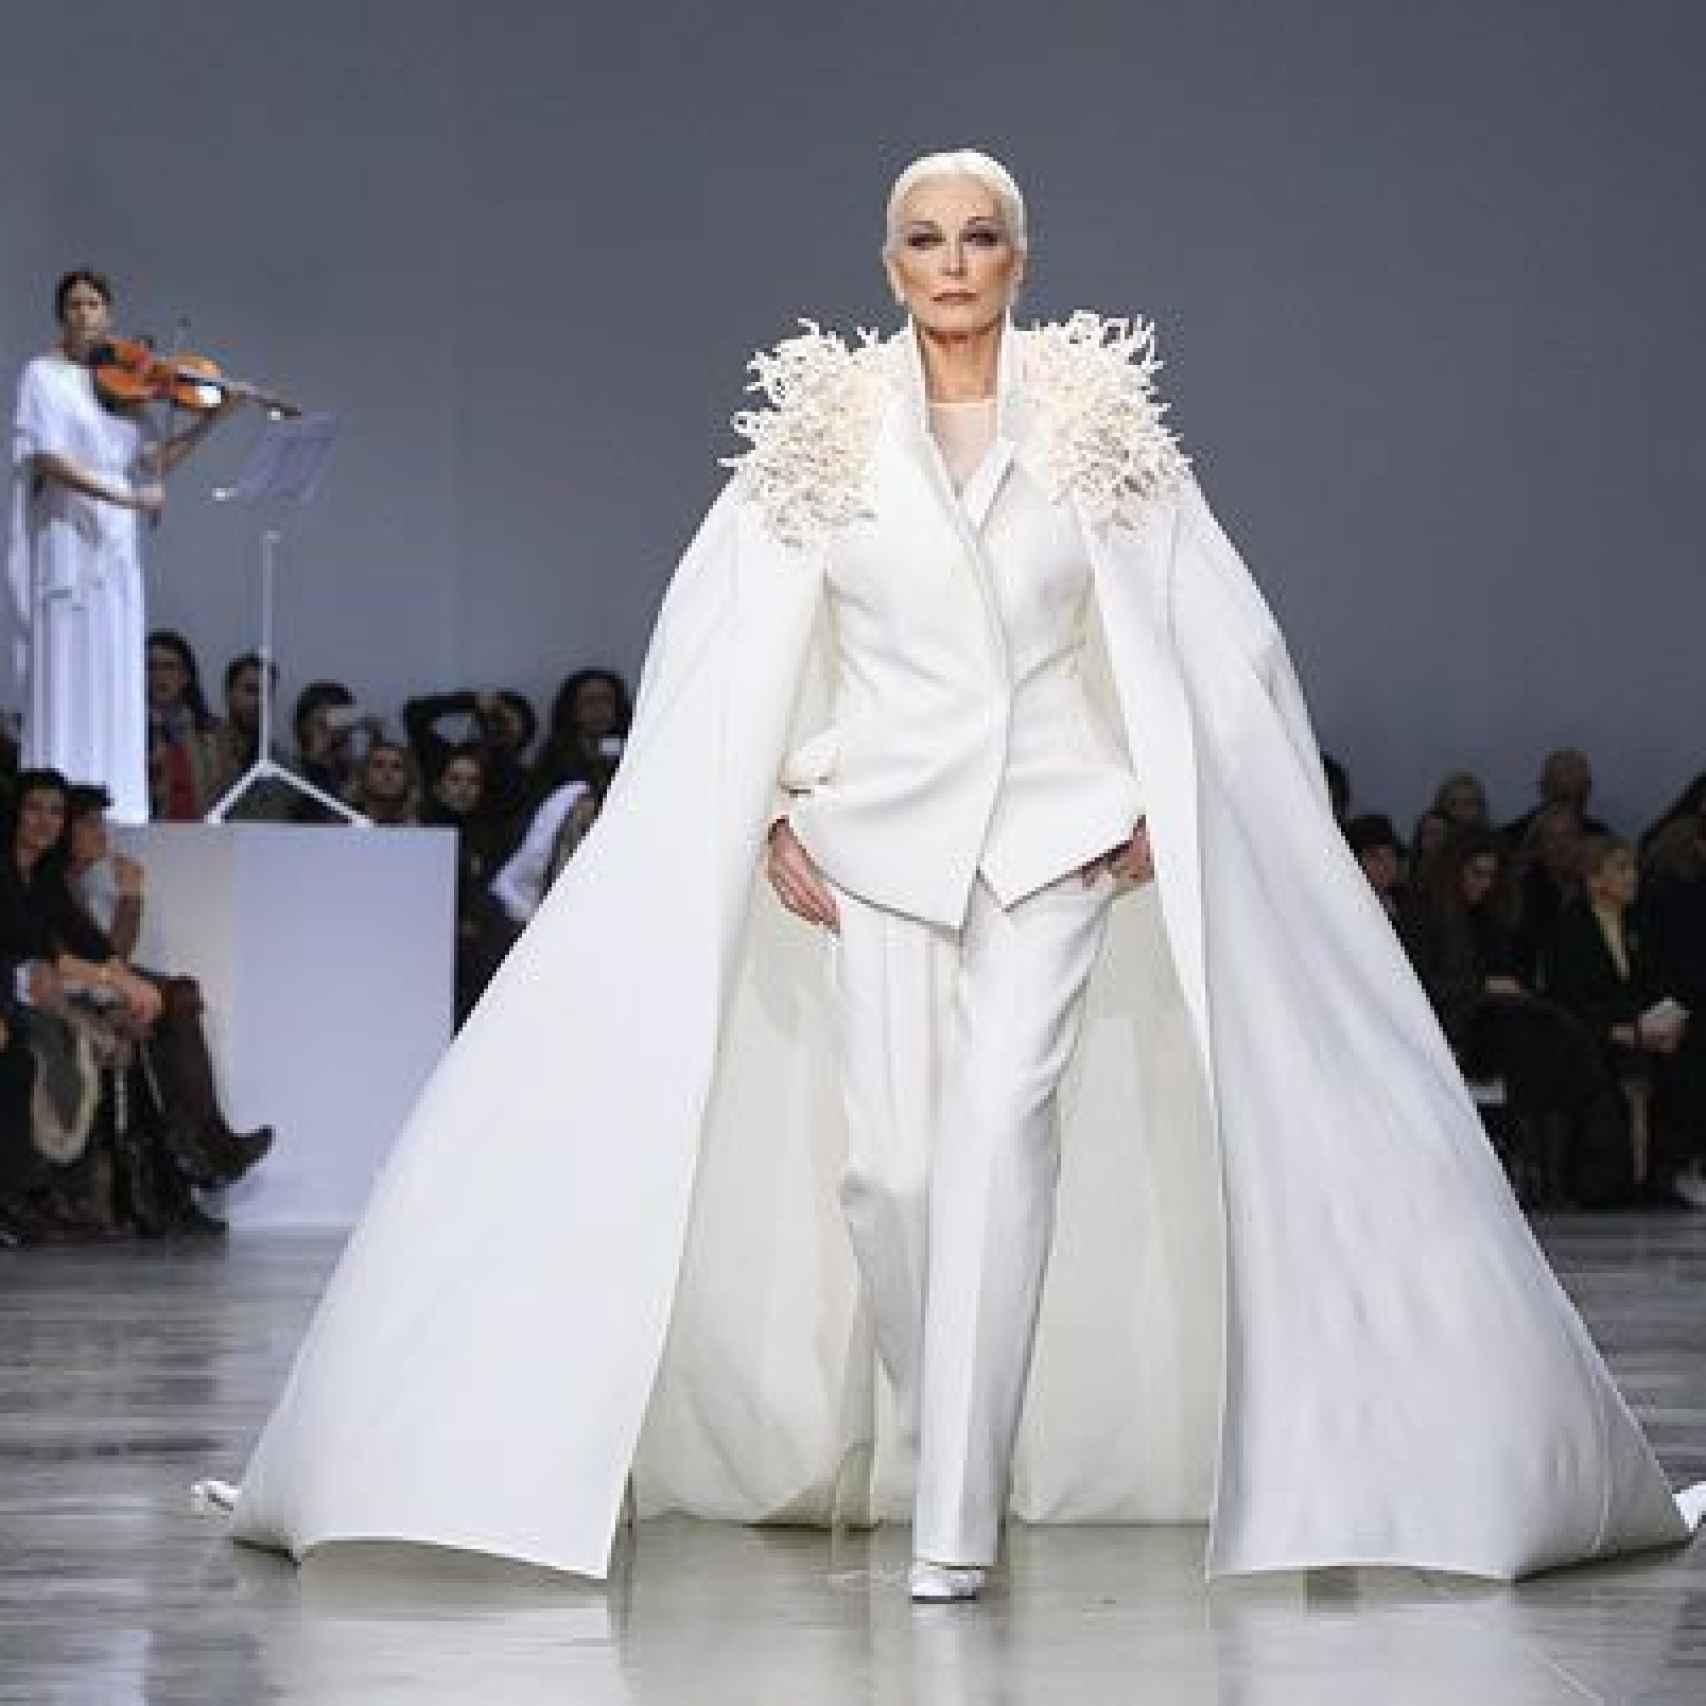 Carmen Dell'Orefice en el desfile de alta costura de Stephane Rolland